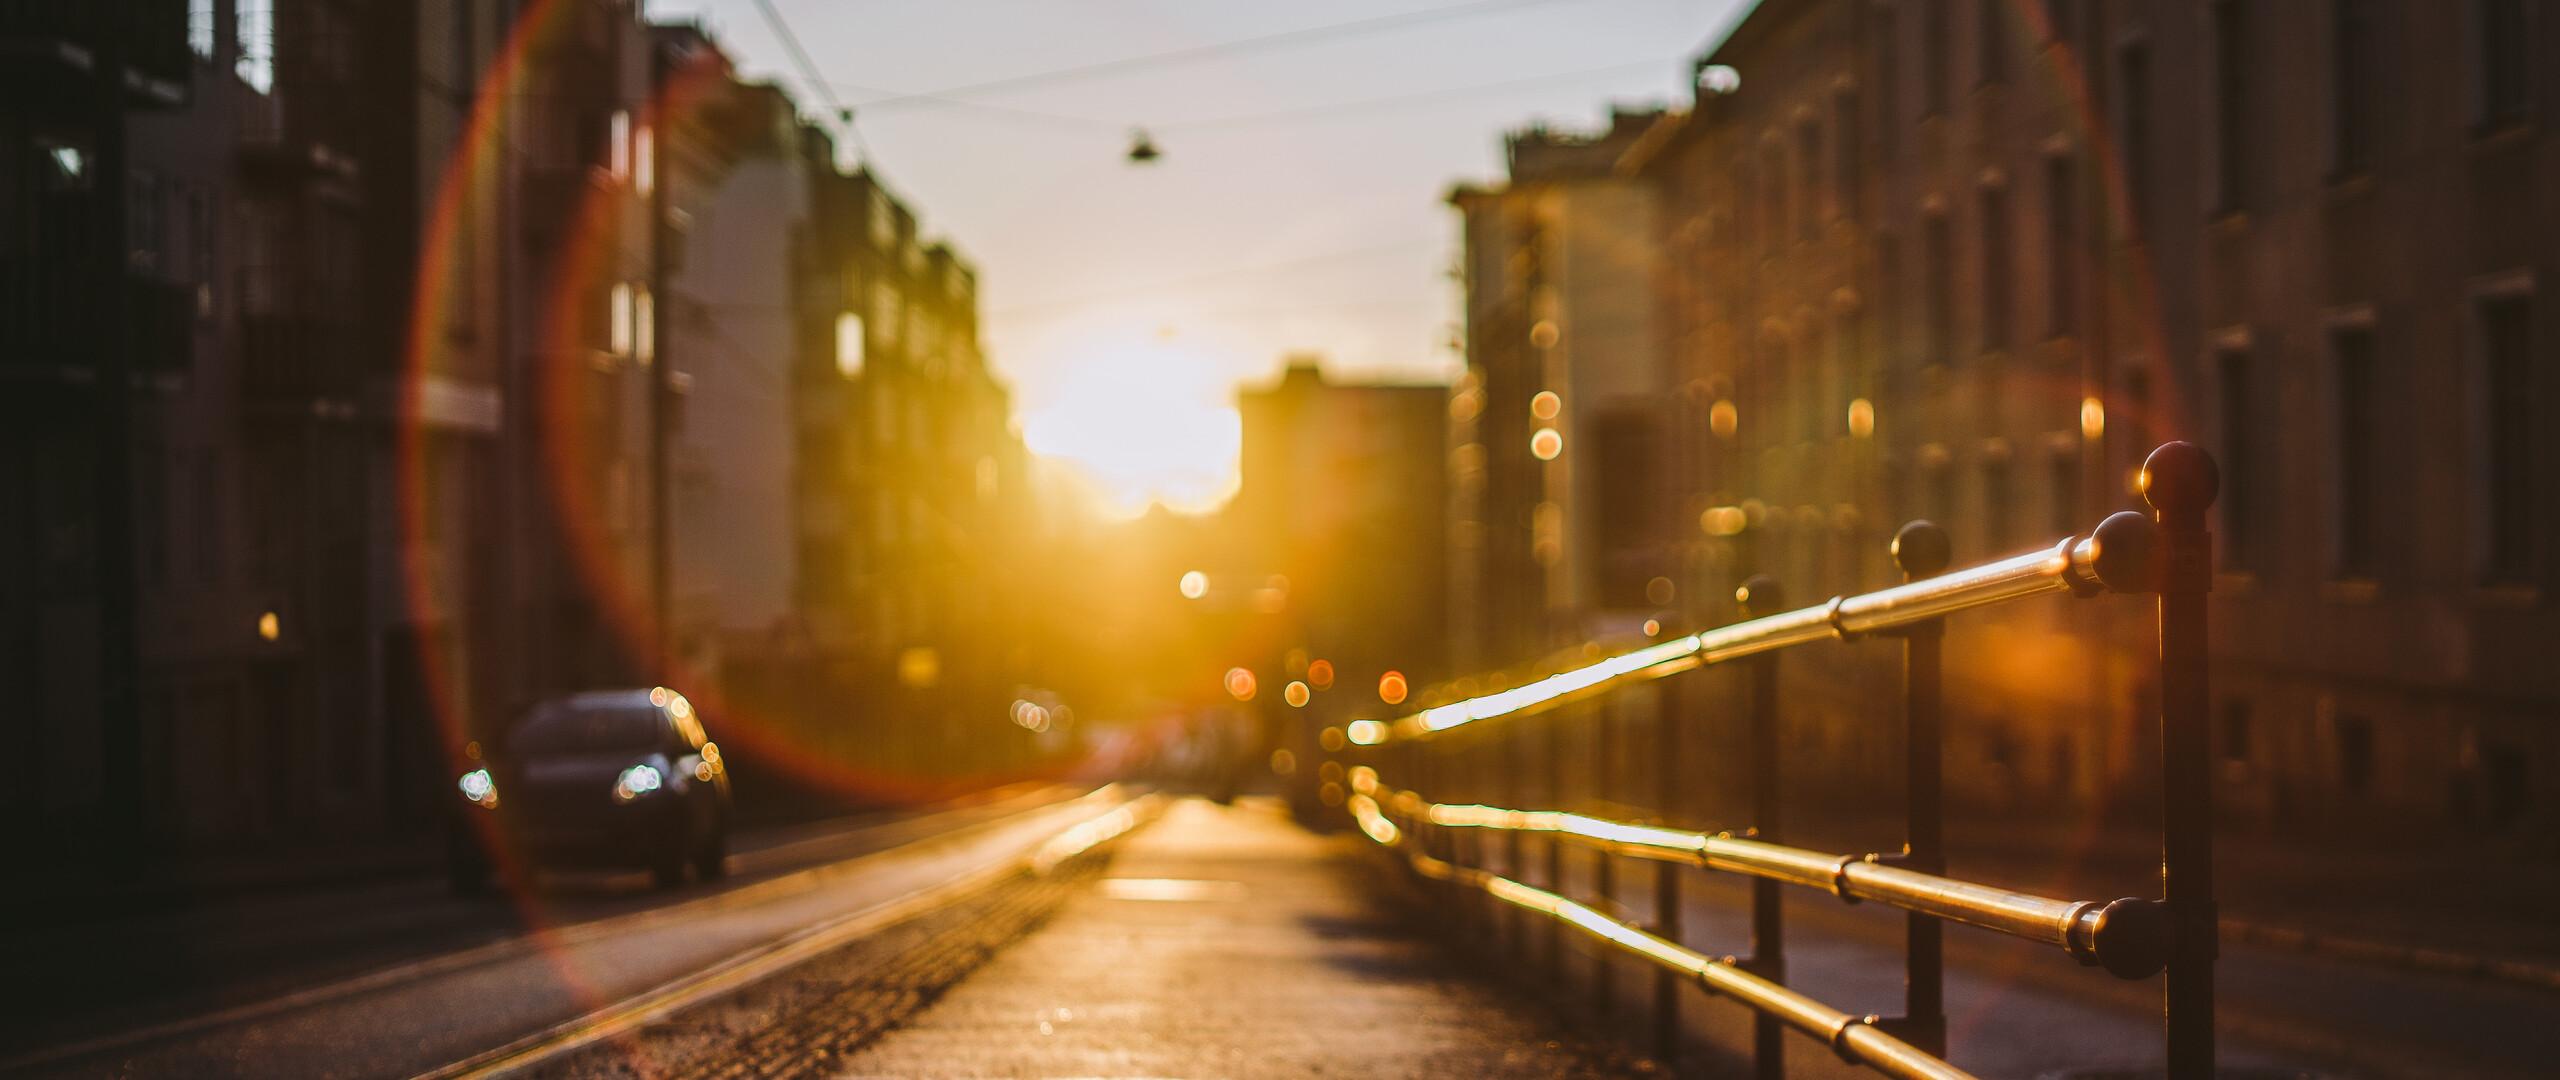 norway-city-sunset-railing-5k-64.jpg